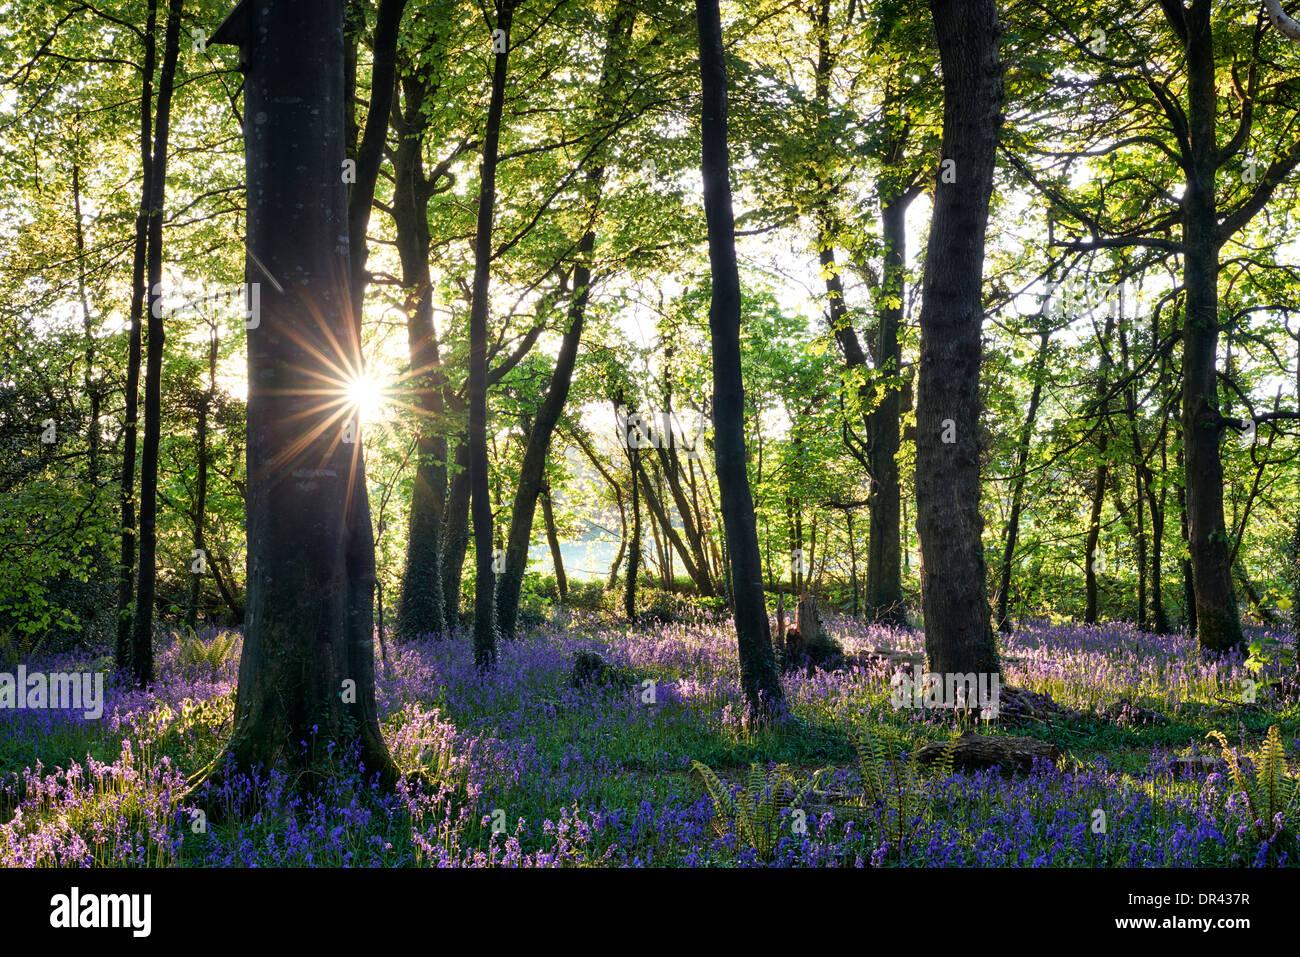 Sun estallando a través de los árboles que proyectan su sombra sobre una alfombra de campanillas Imagen De Stock